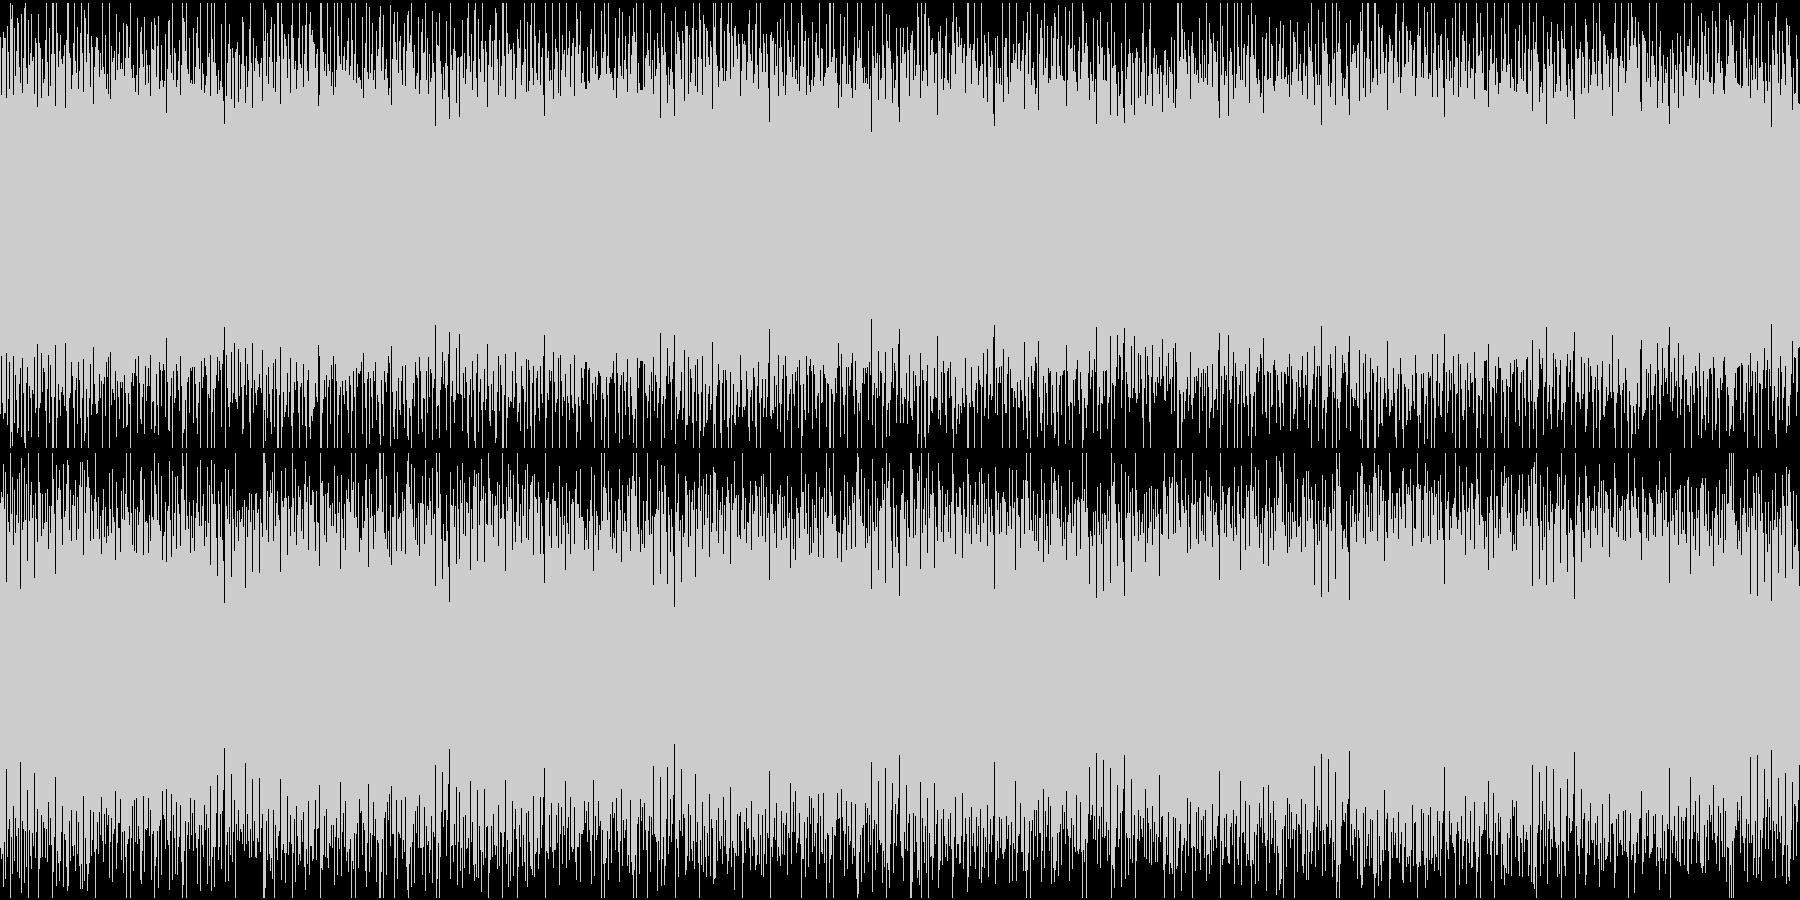 軽快でかわいいエレクトロループの未再生の波形